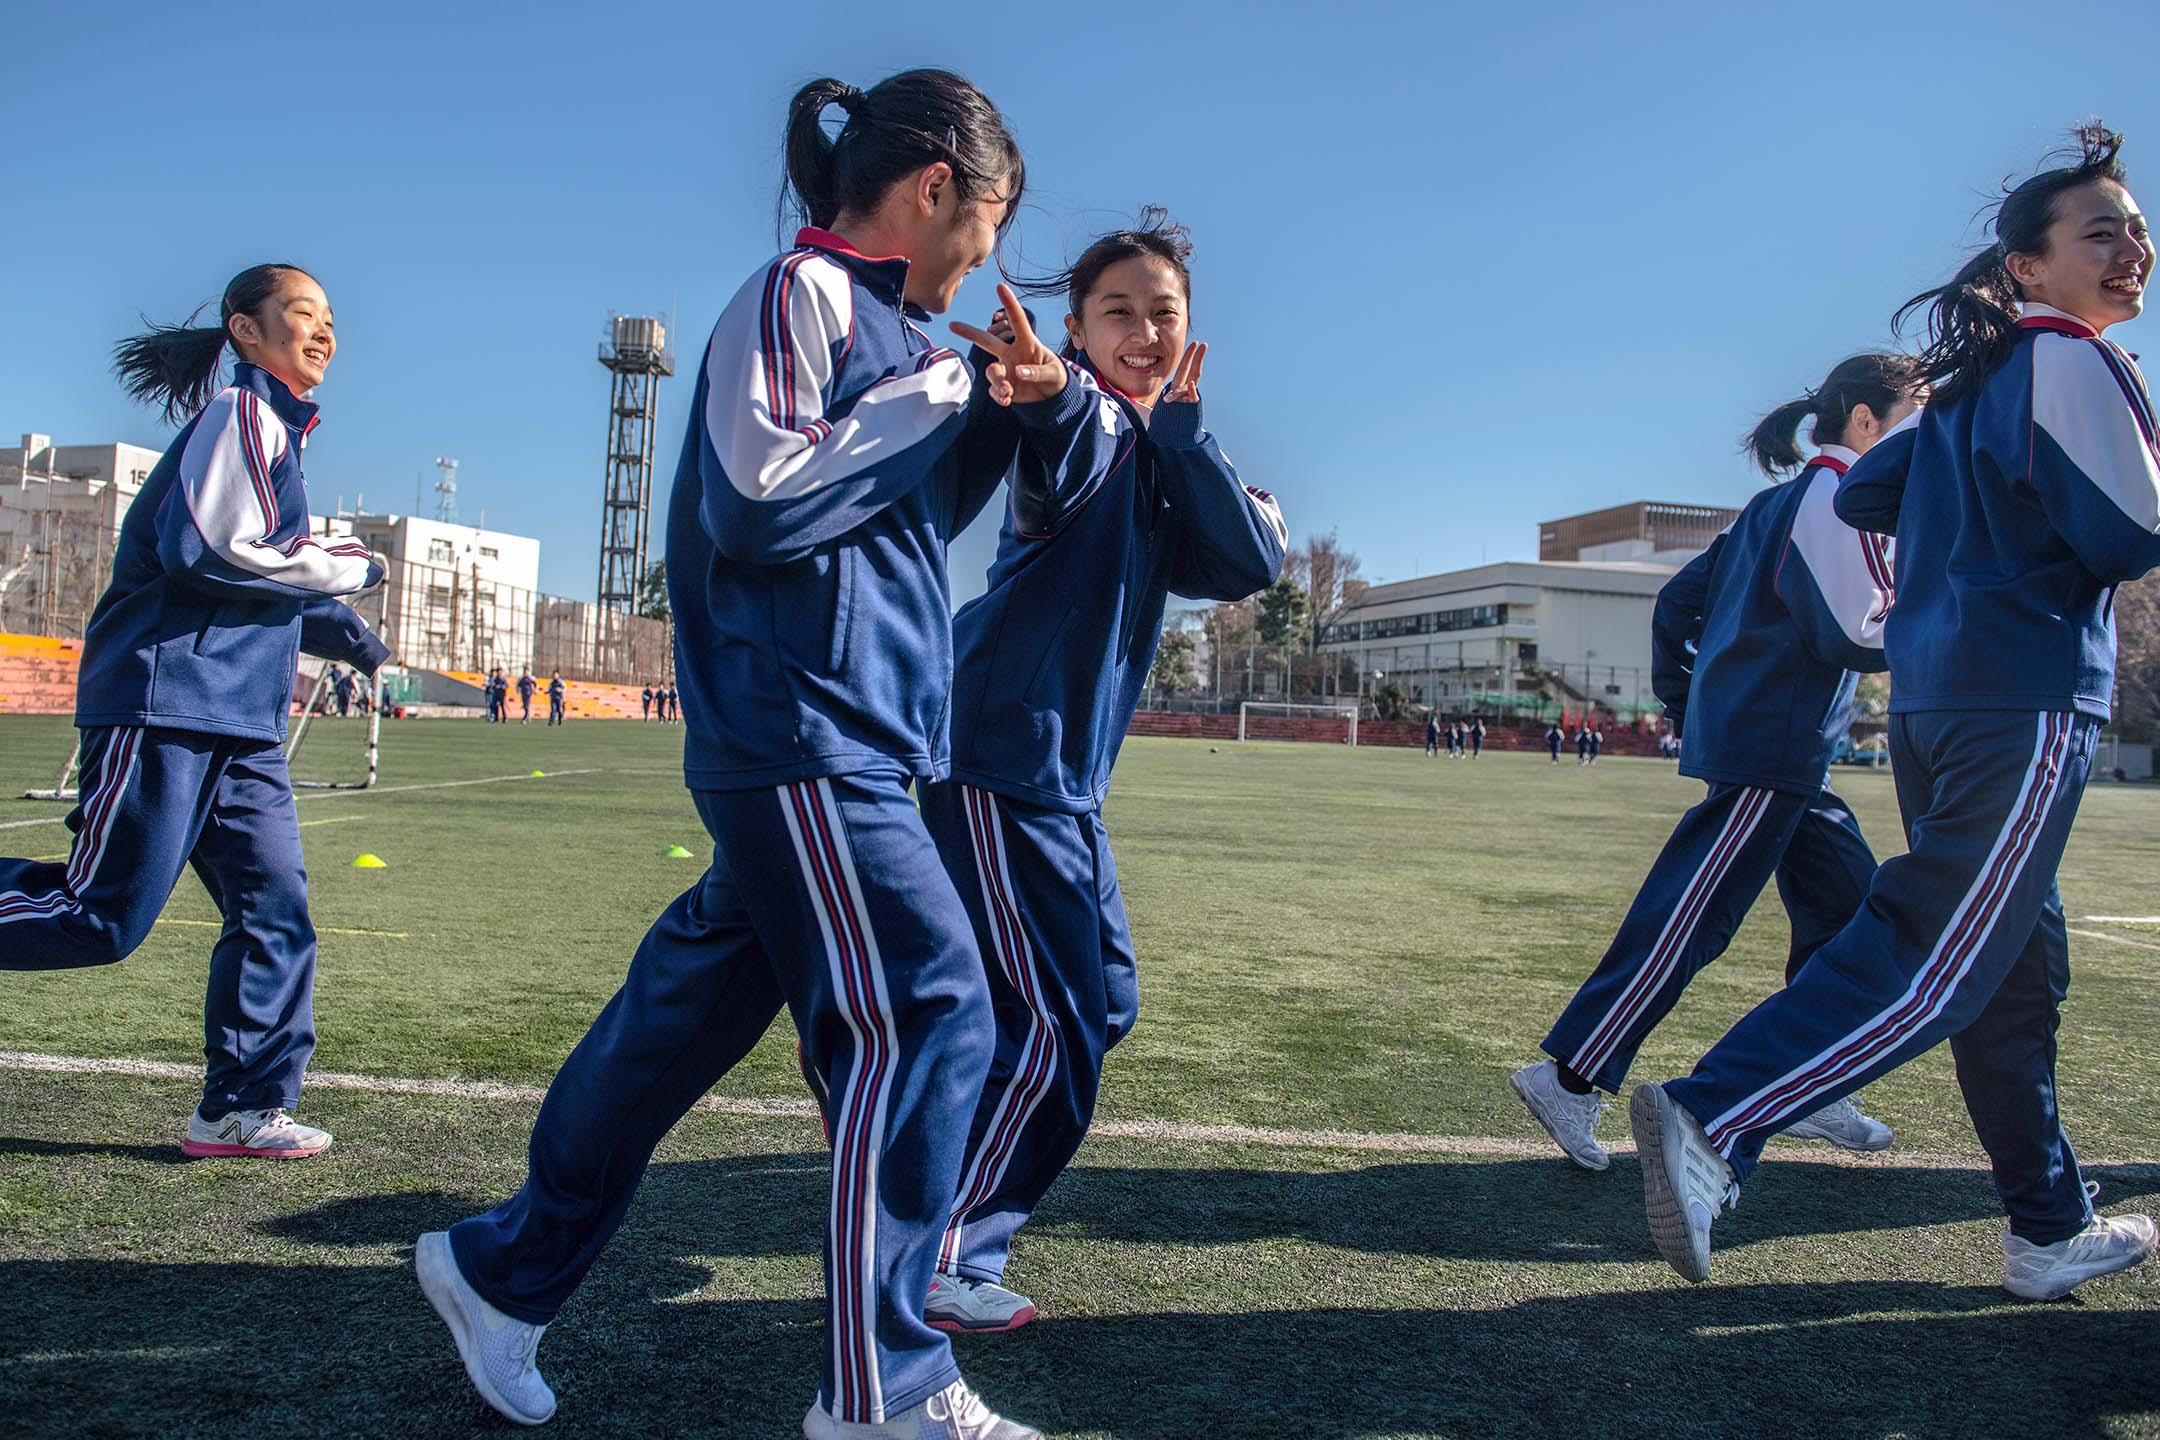 2019年1月22日東京,一群女學生在體育課於學校運動場慢跑。 攝:Carl Court/Getty Images